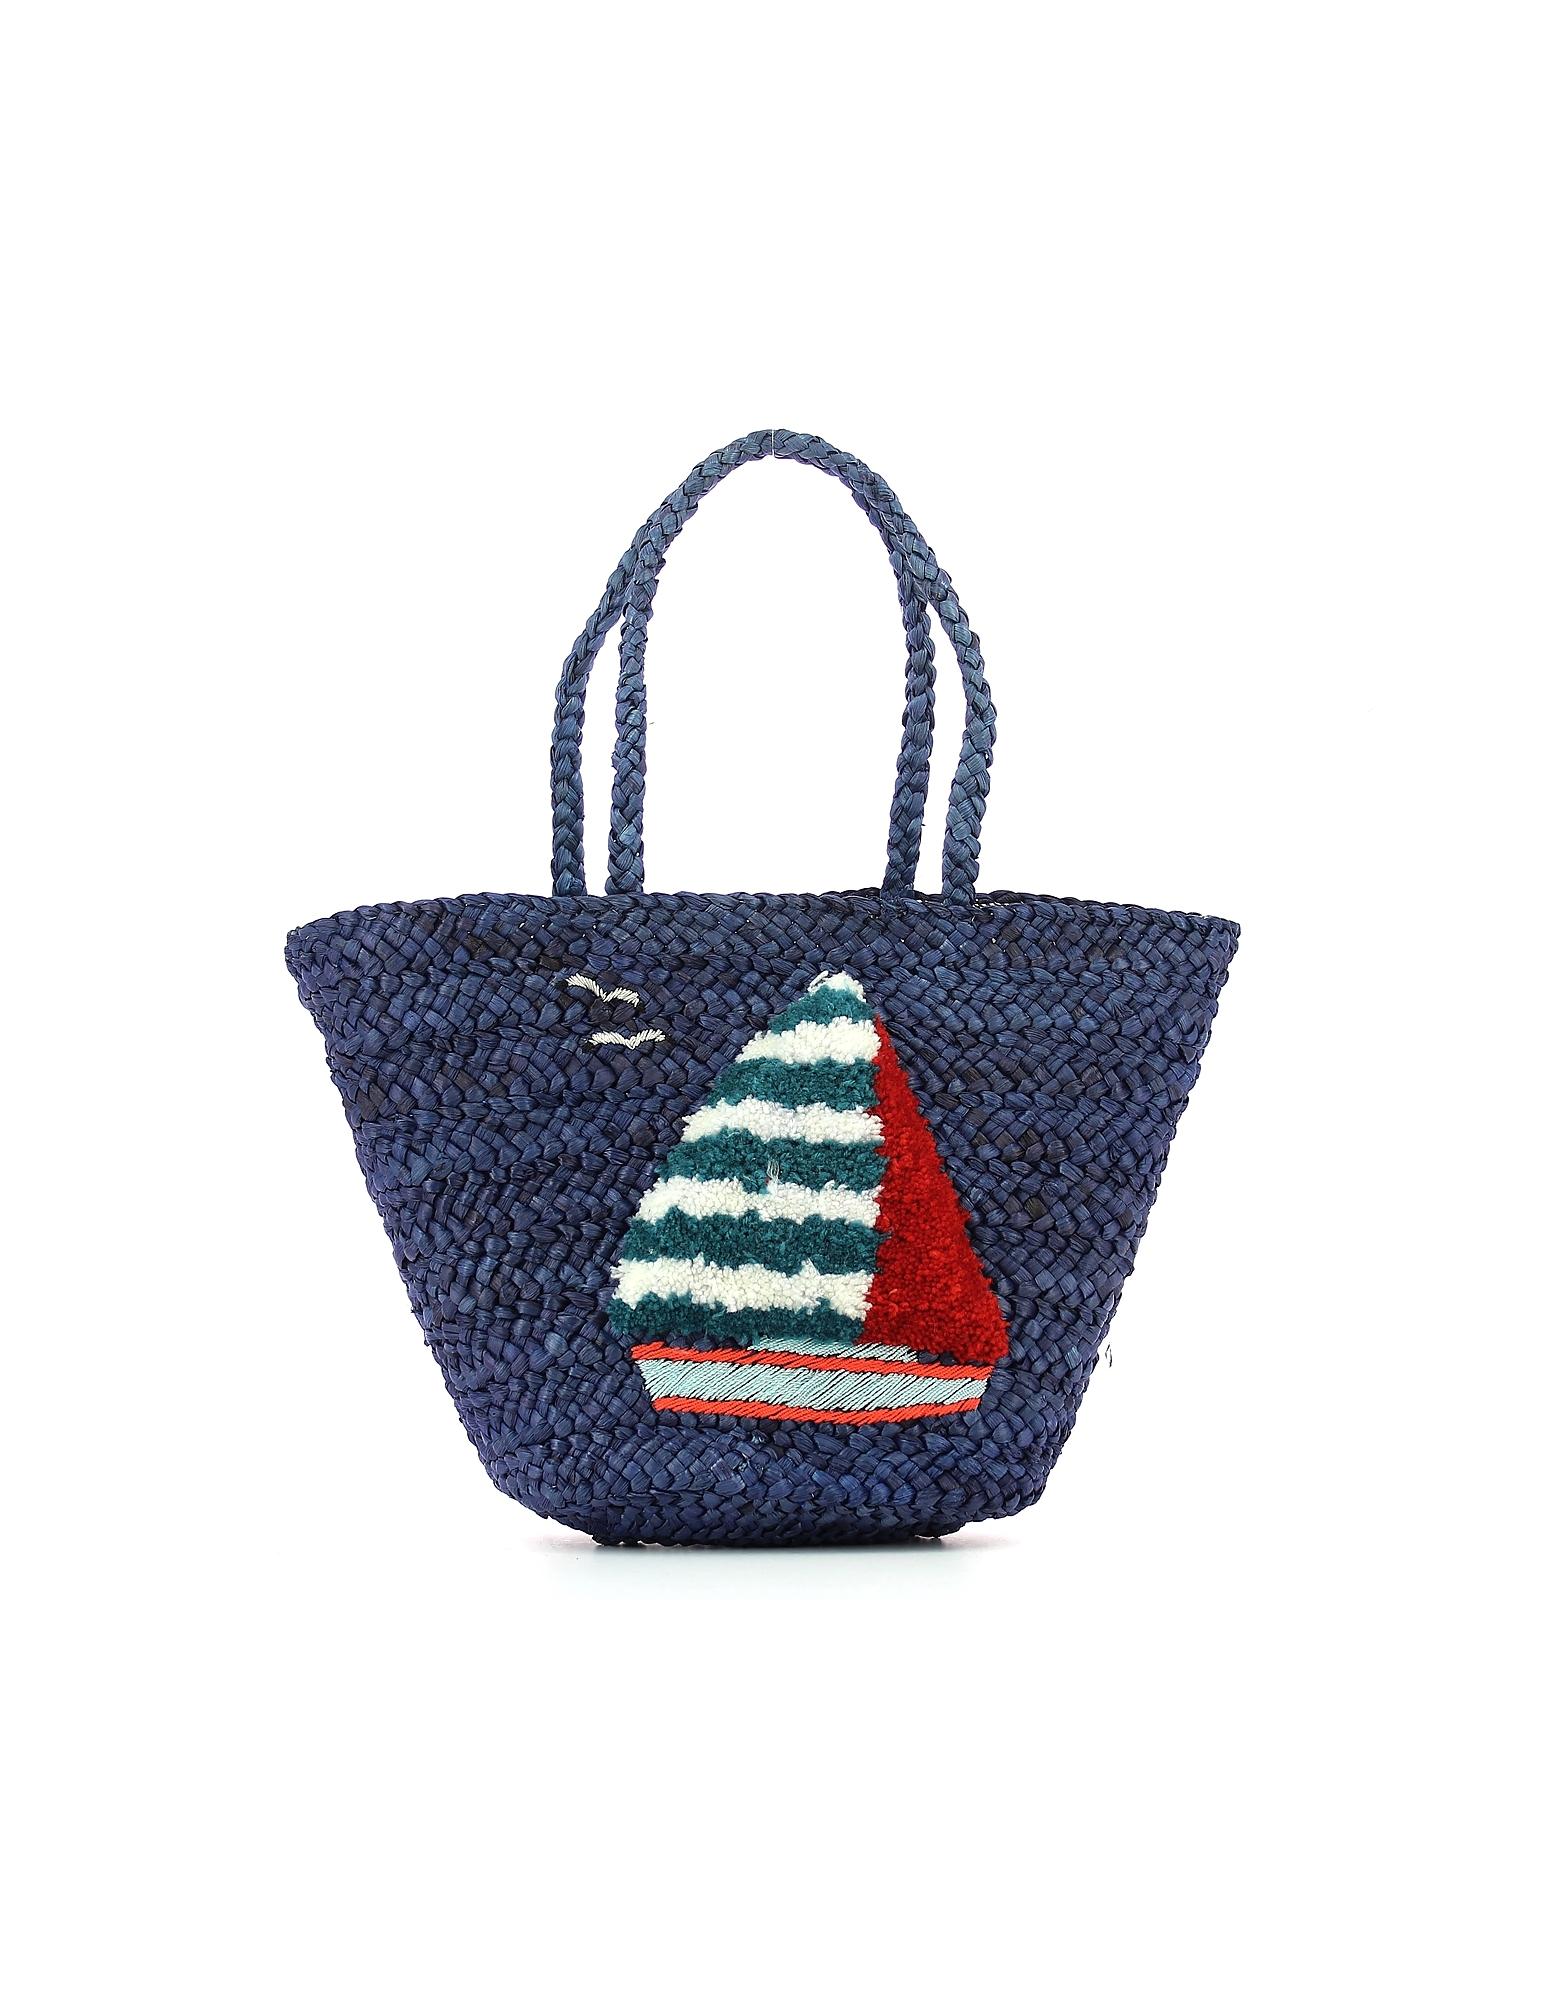 POMIKAKI Designer Handbags, Women's Blue Bag